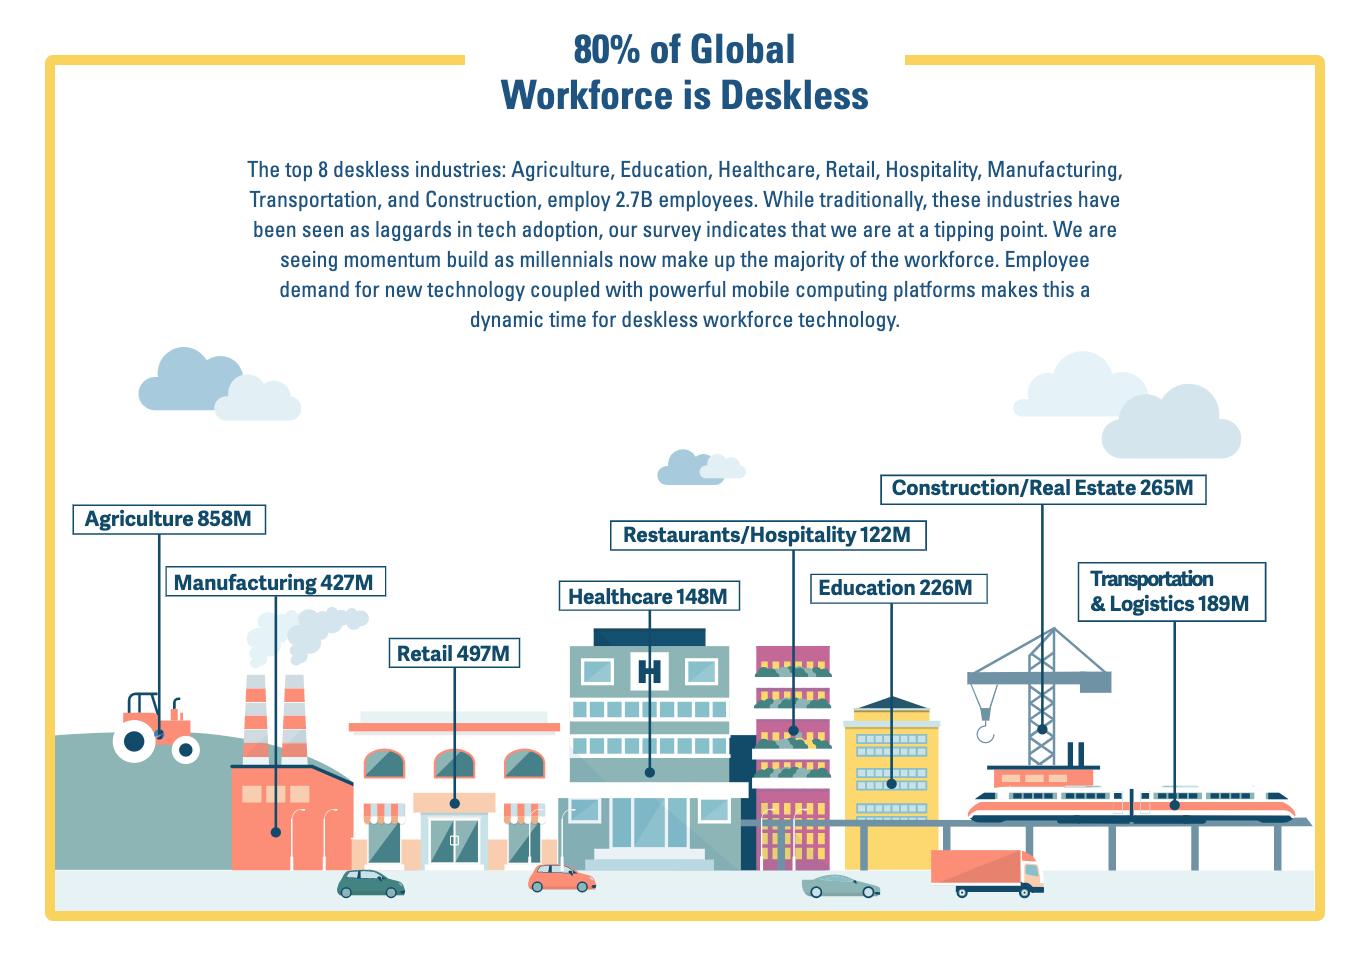 Image deskless workforce